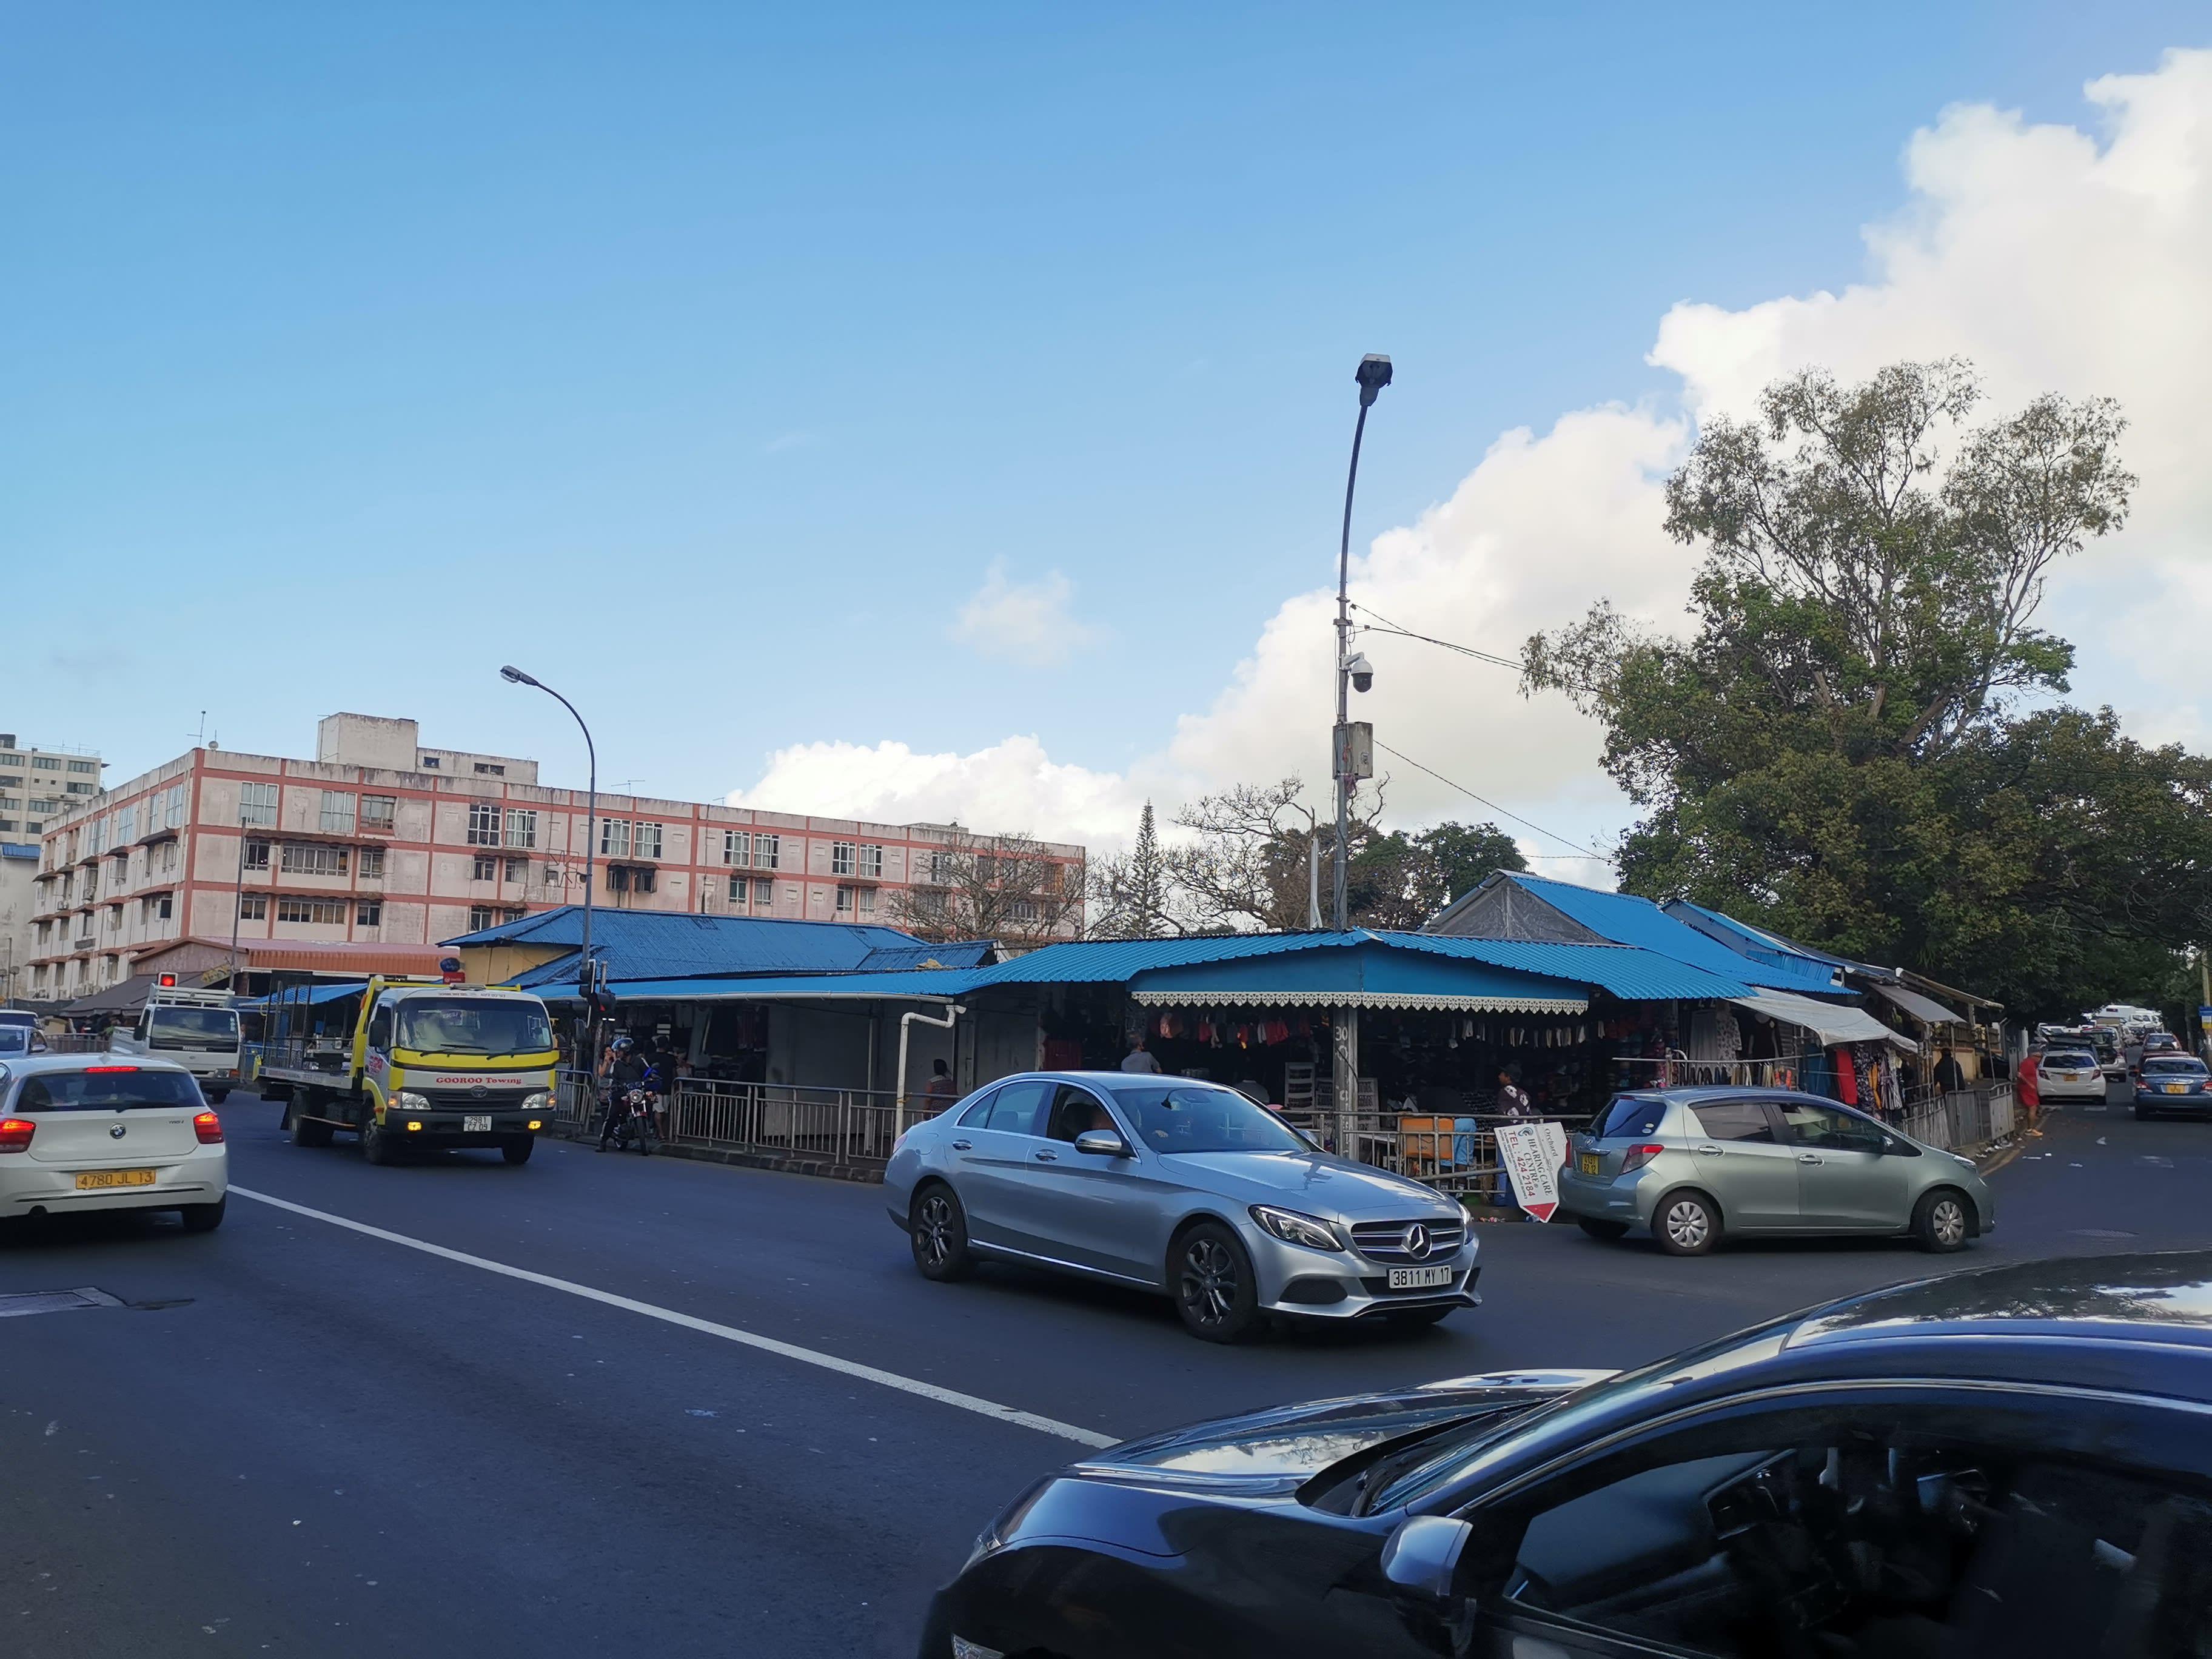 Hire a car and driver in Quatre Bornes